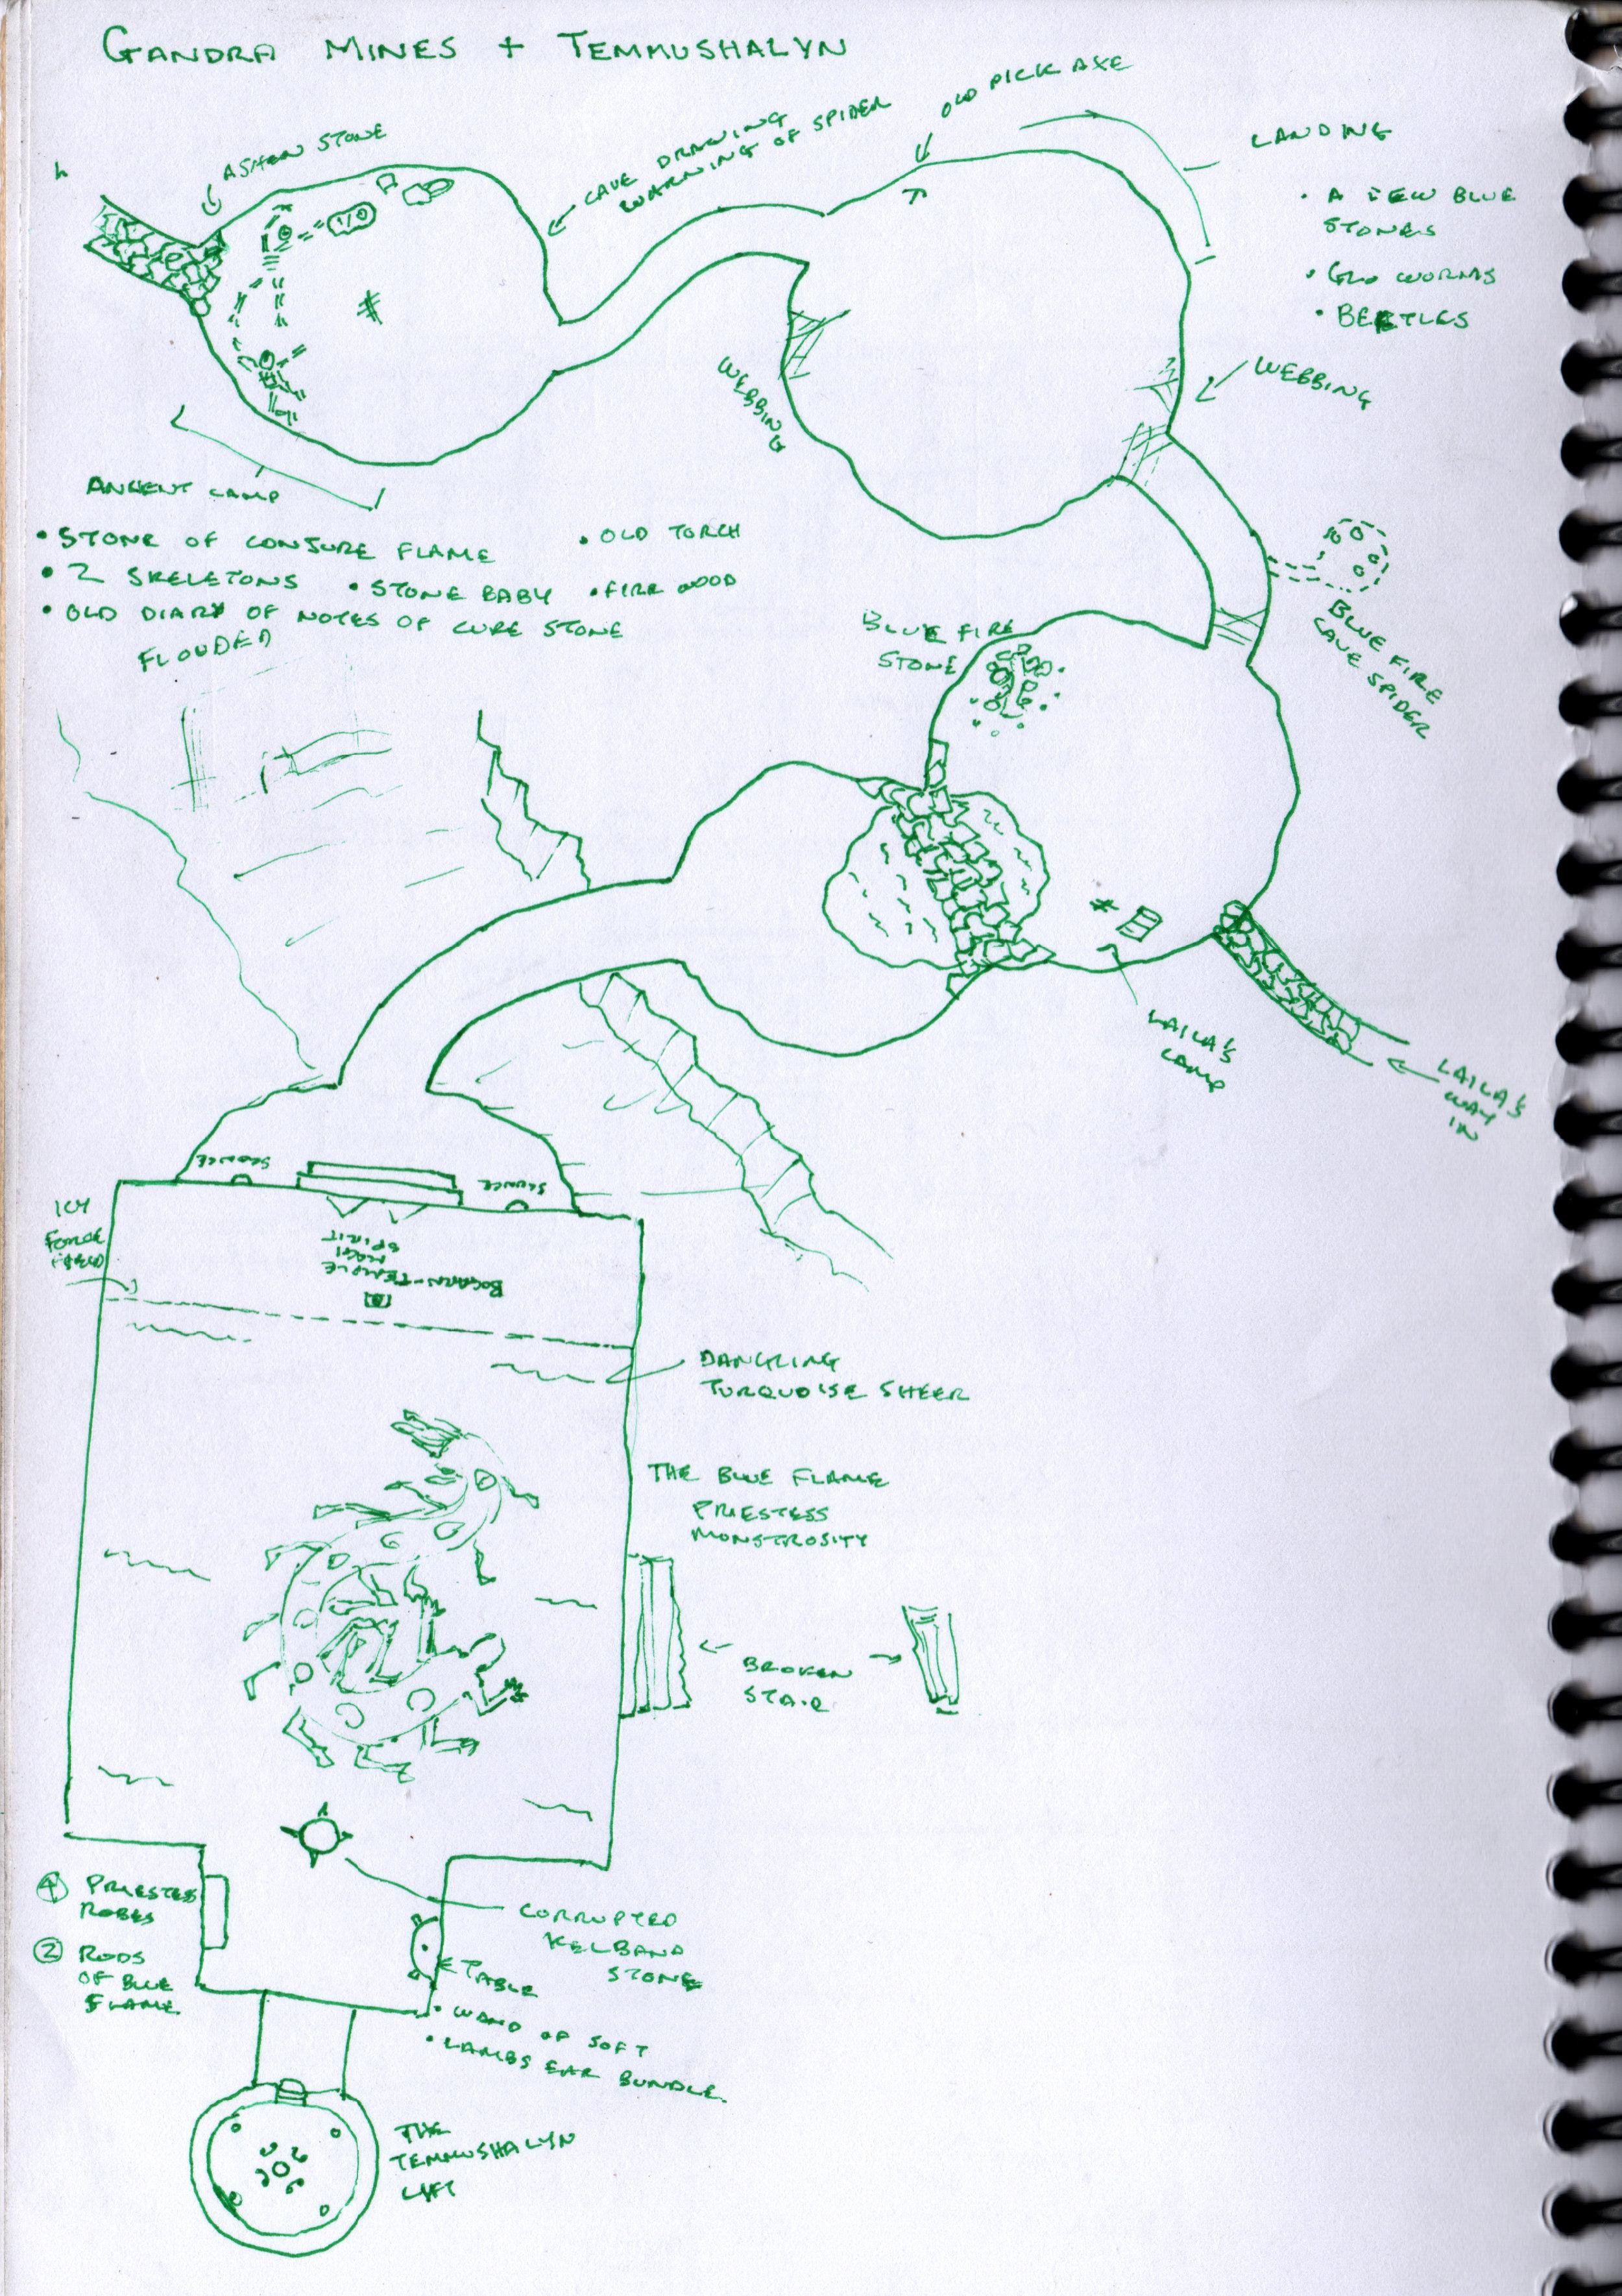 ch6.1_notebook_01.jpg